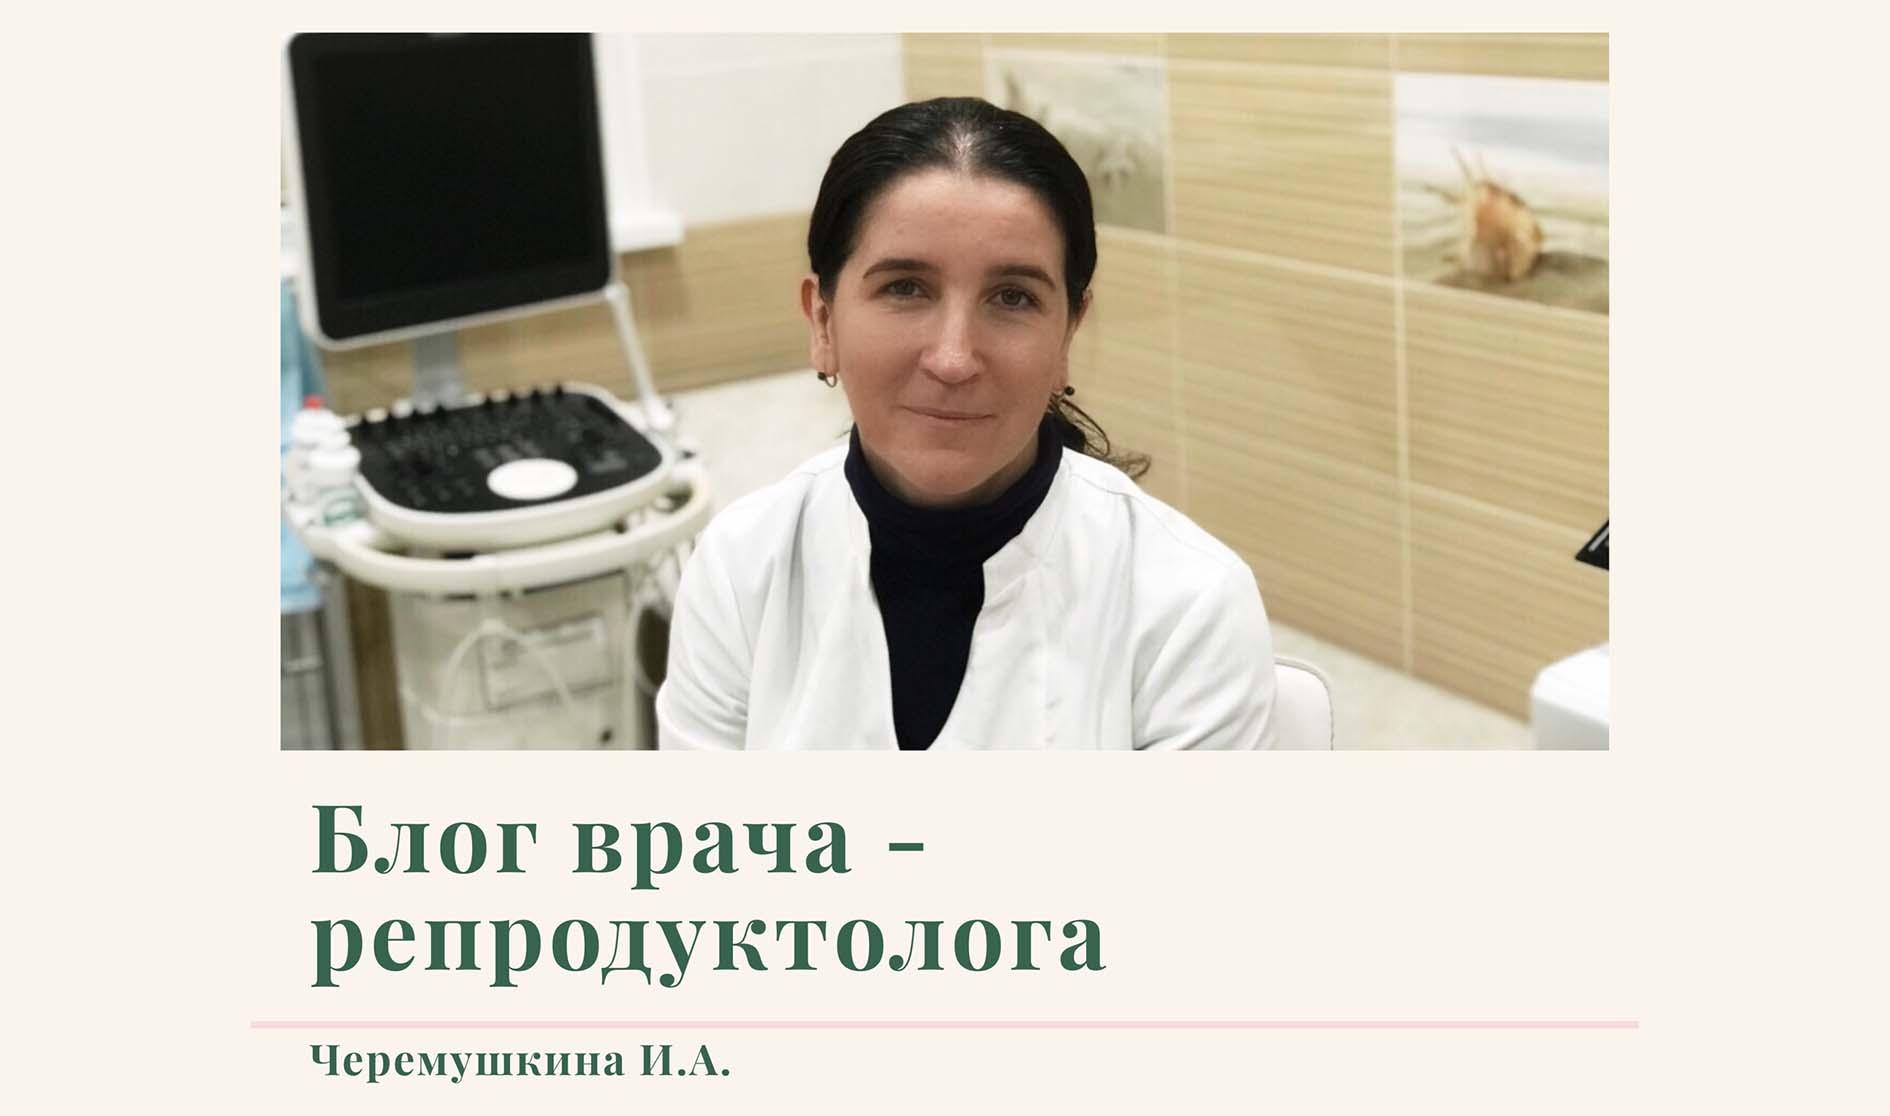 КАК ВЫБРАТЬ ВРАЧА? Статья врача-репродуктолога